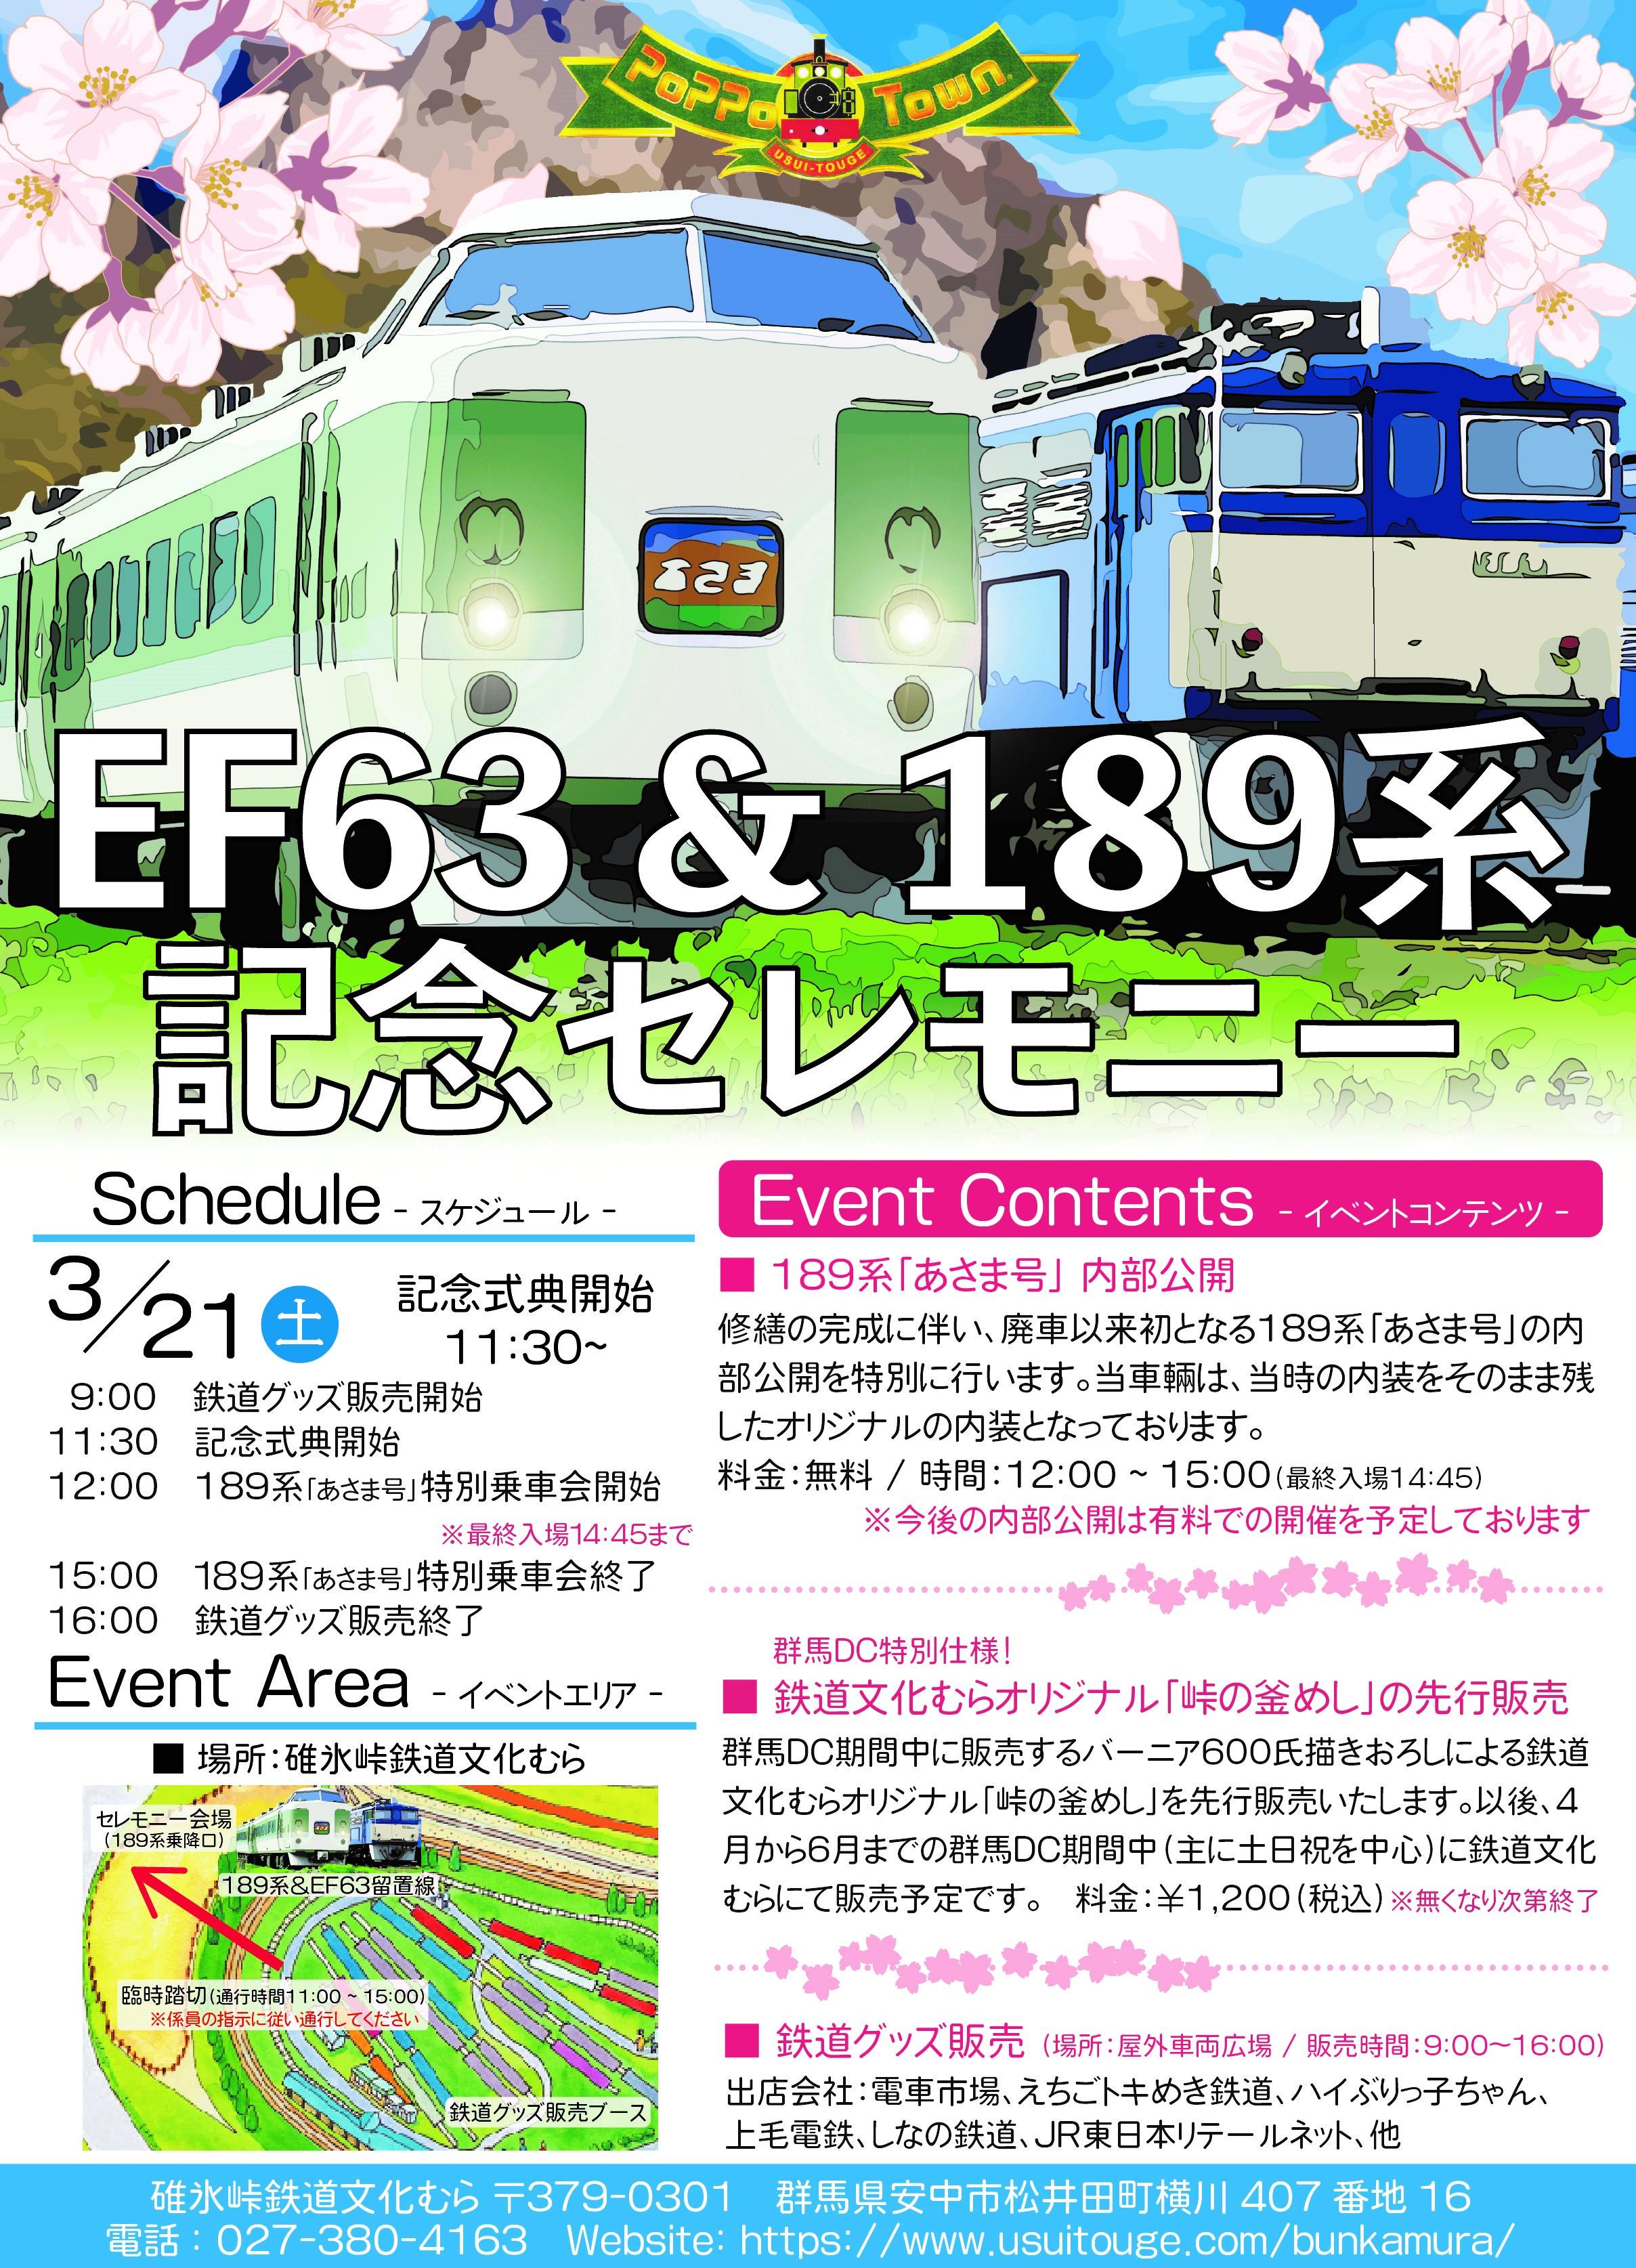 EF63&189系記念セレモニー(チラシ)